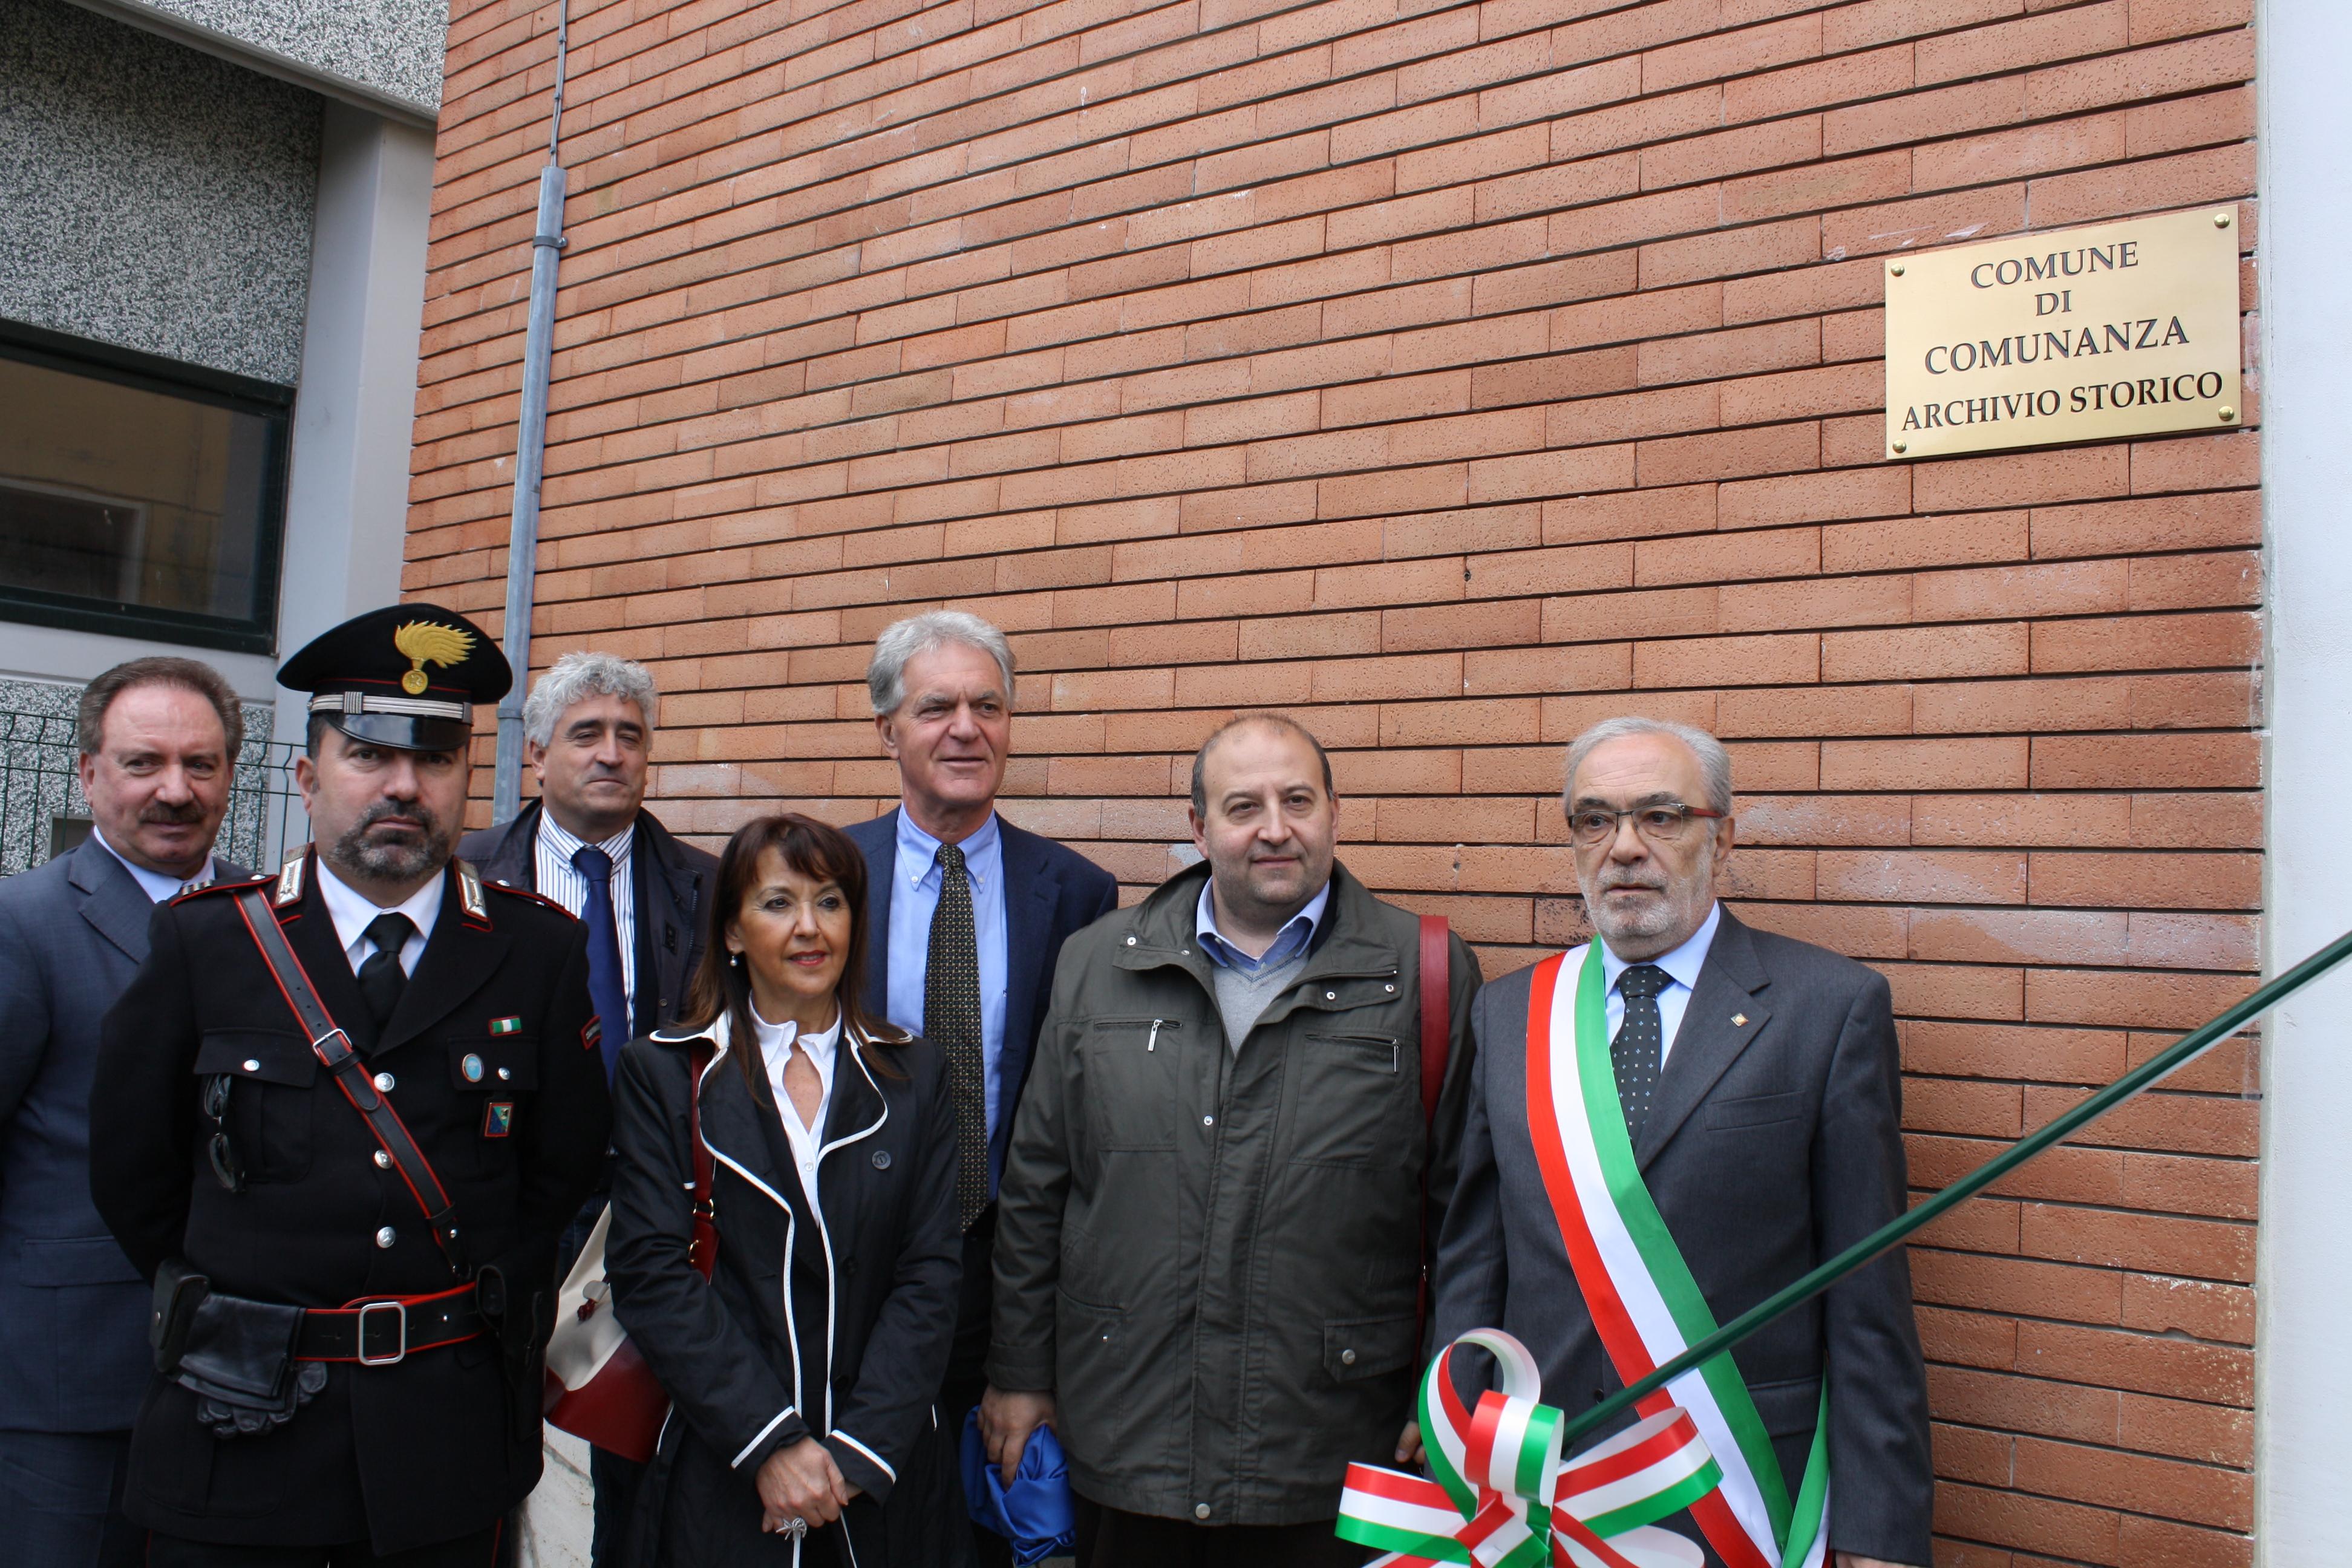 Inaugurazione Archivio Storico Comunanza